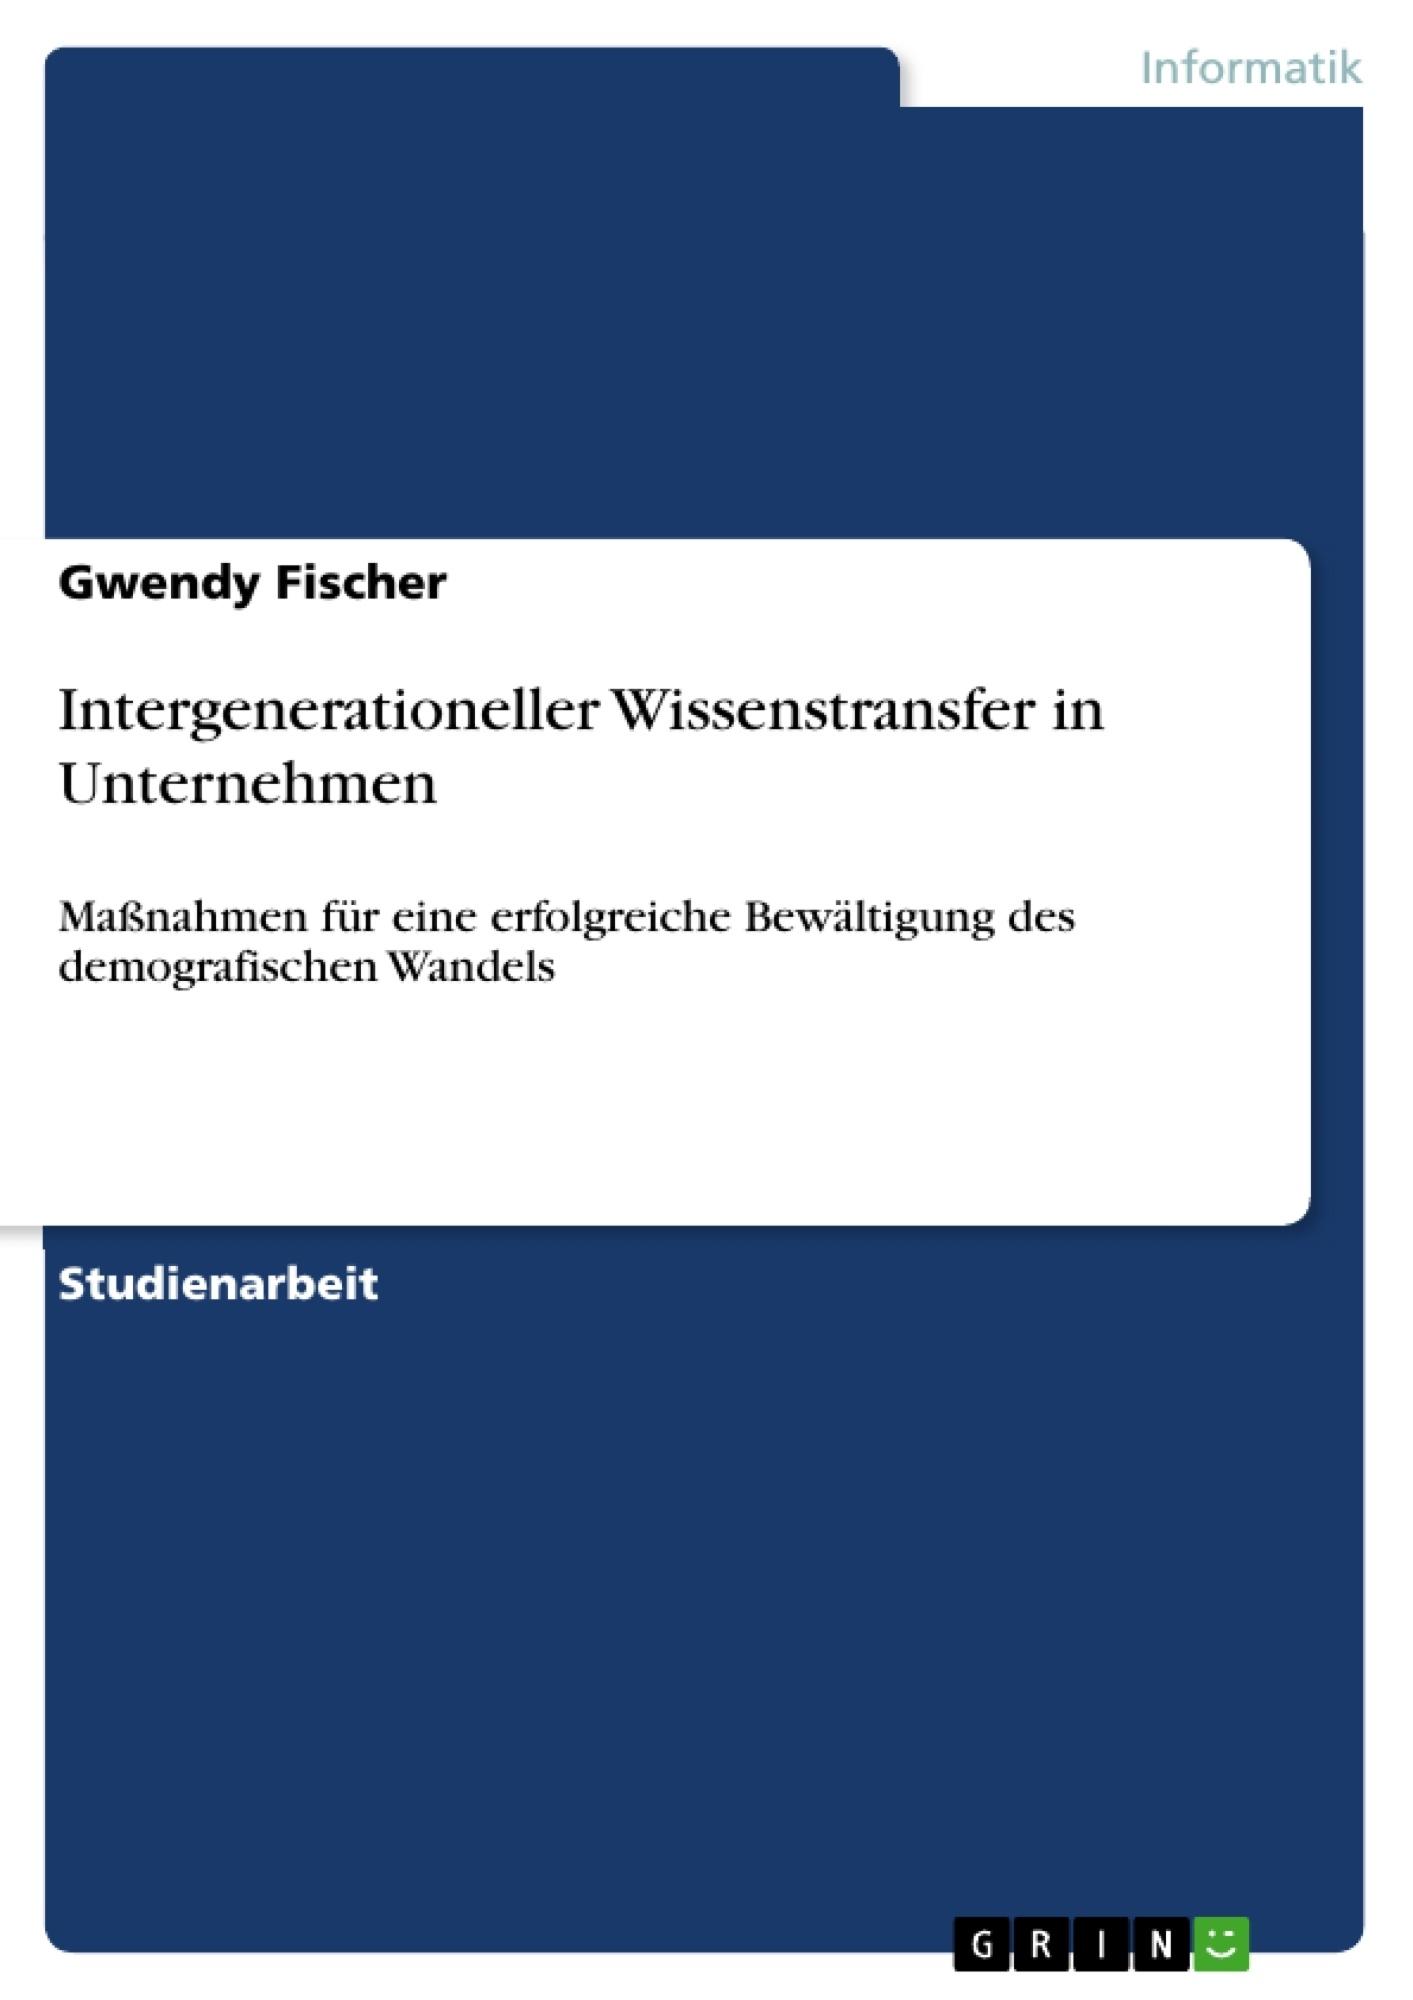 Titel: Intergenerationeller Wissenstransfer in Unternehmen